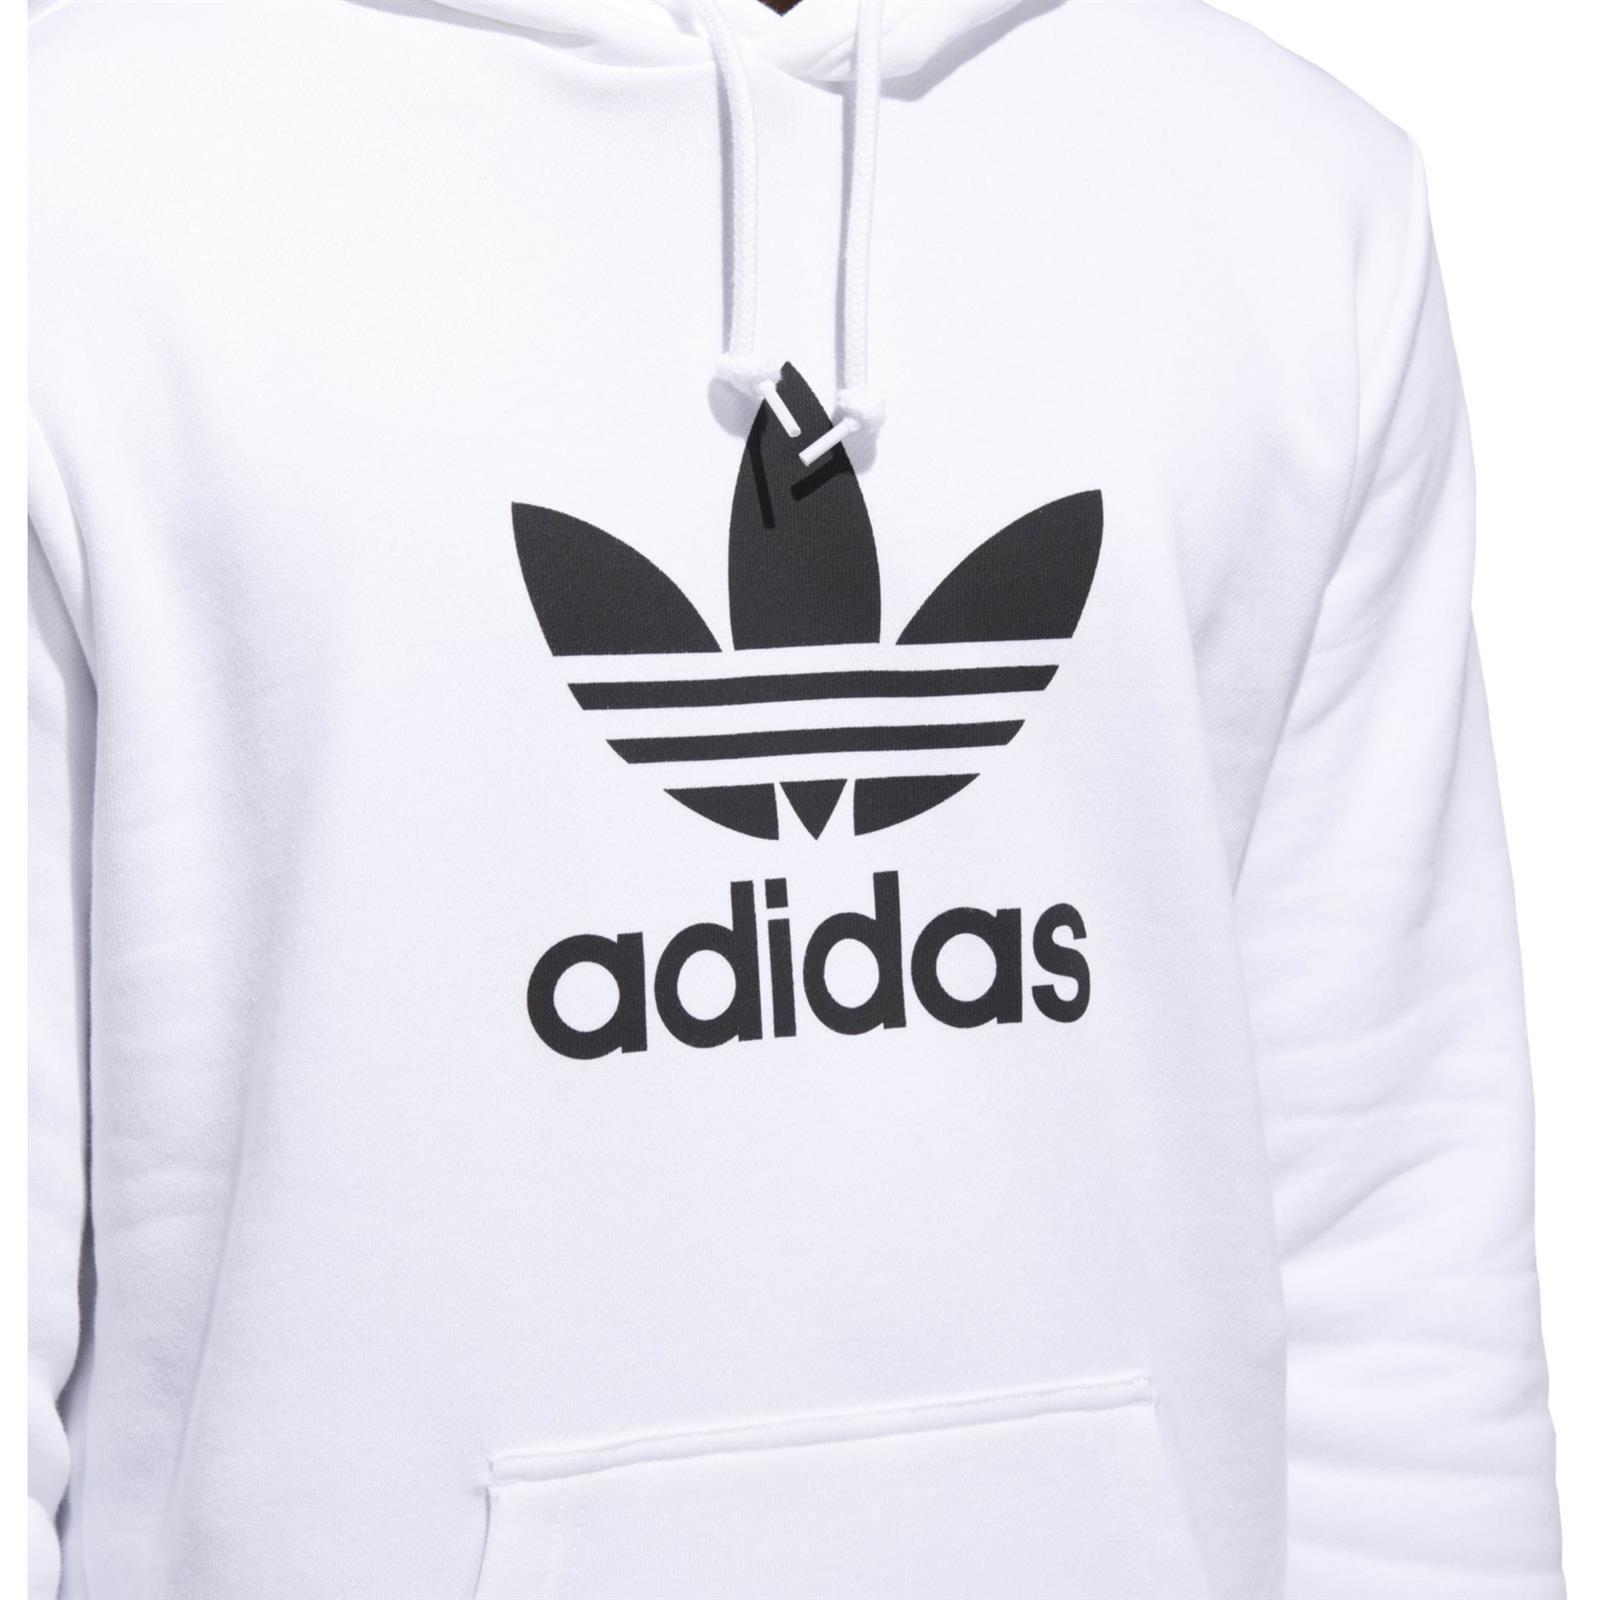 bluza adidas biały trefoil